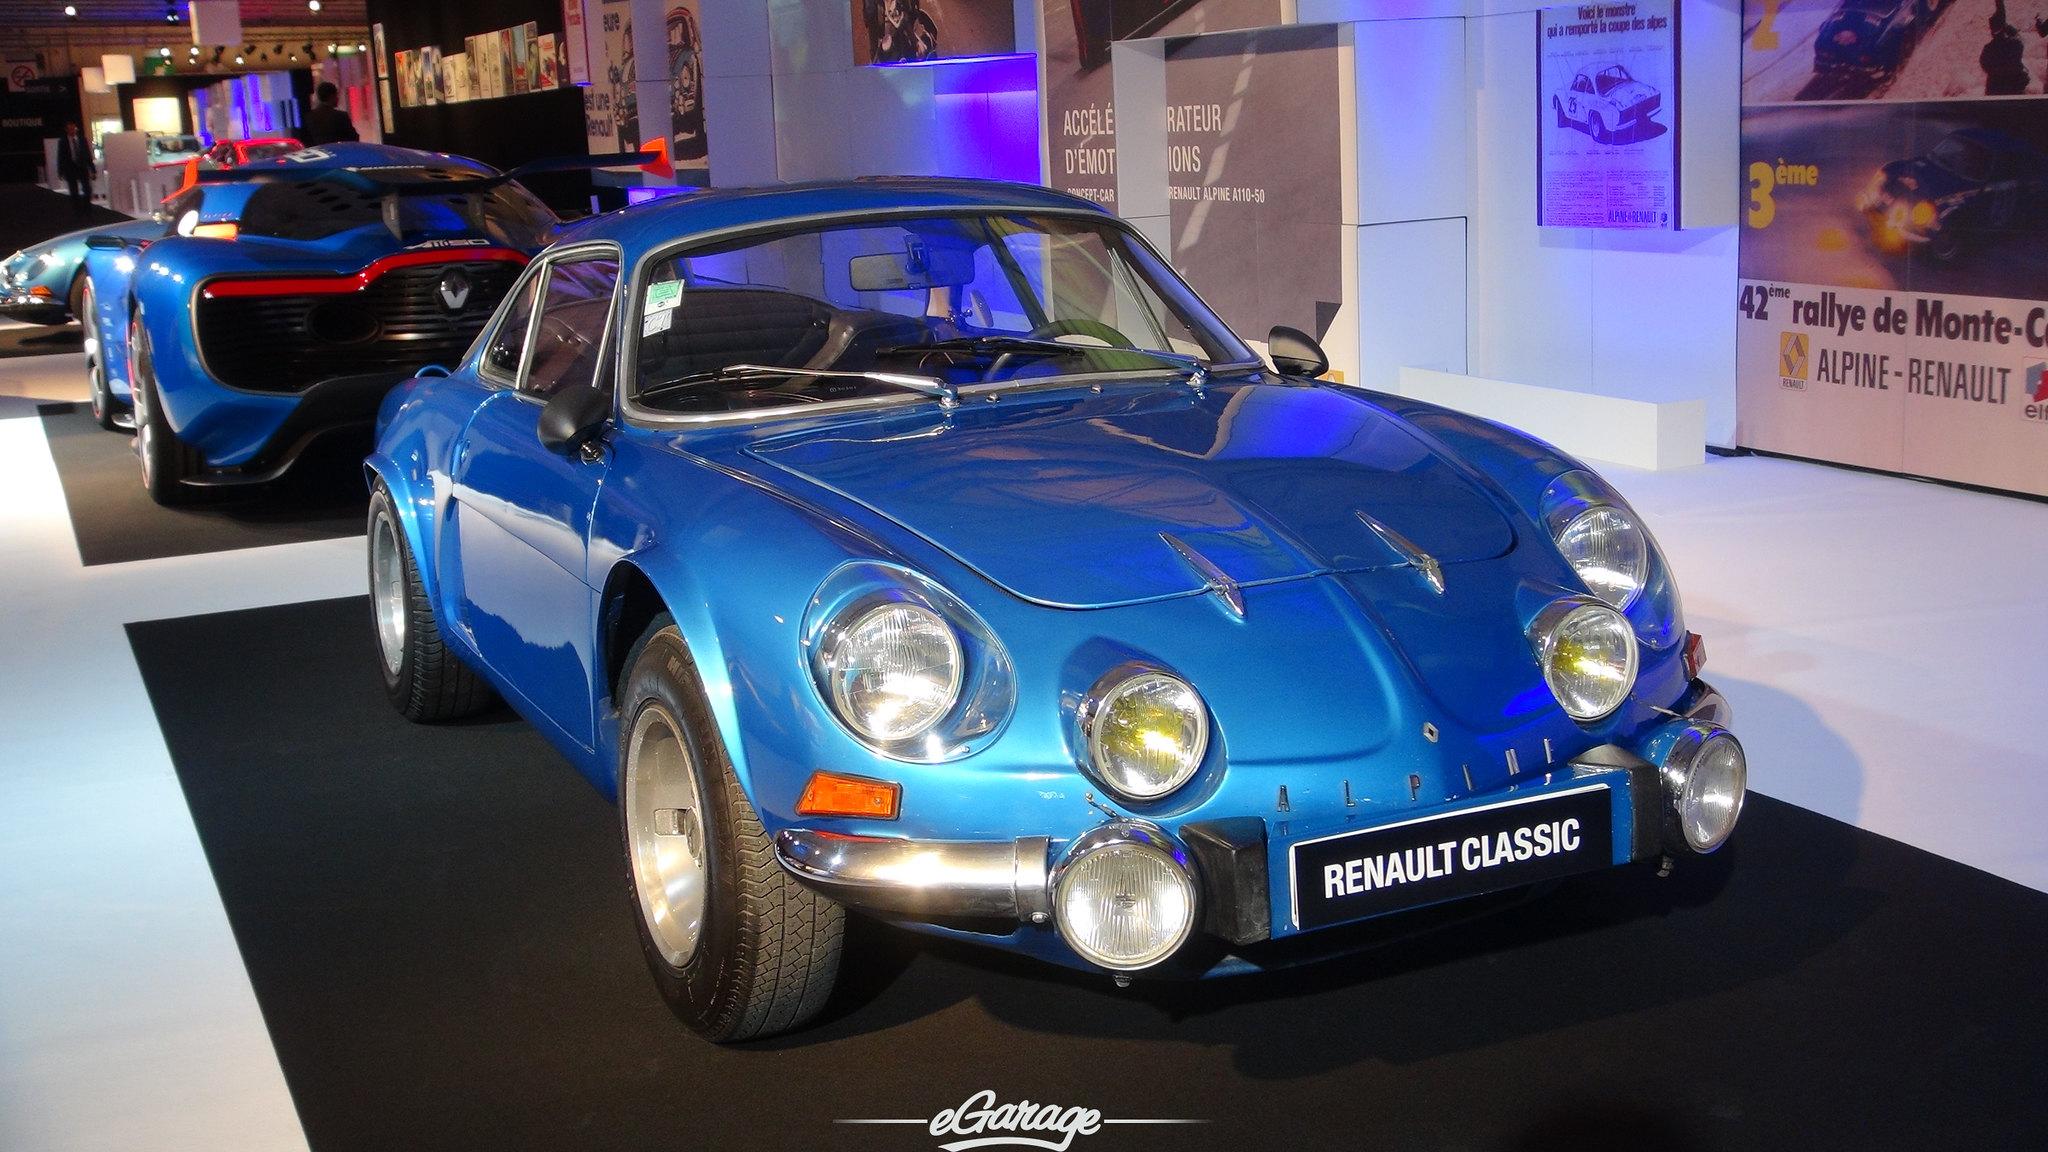 8037668682 e5ae1628db k 2012 Paris Motor Show